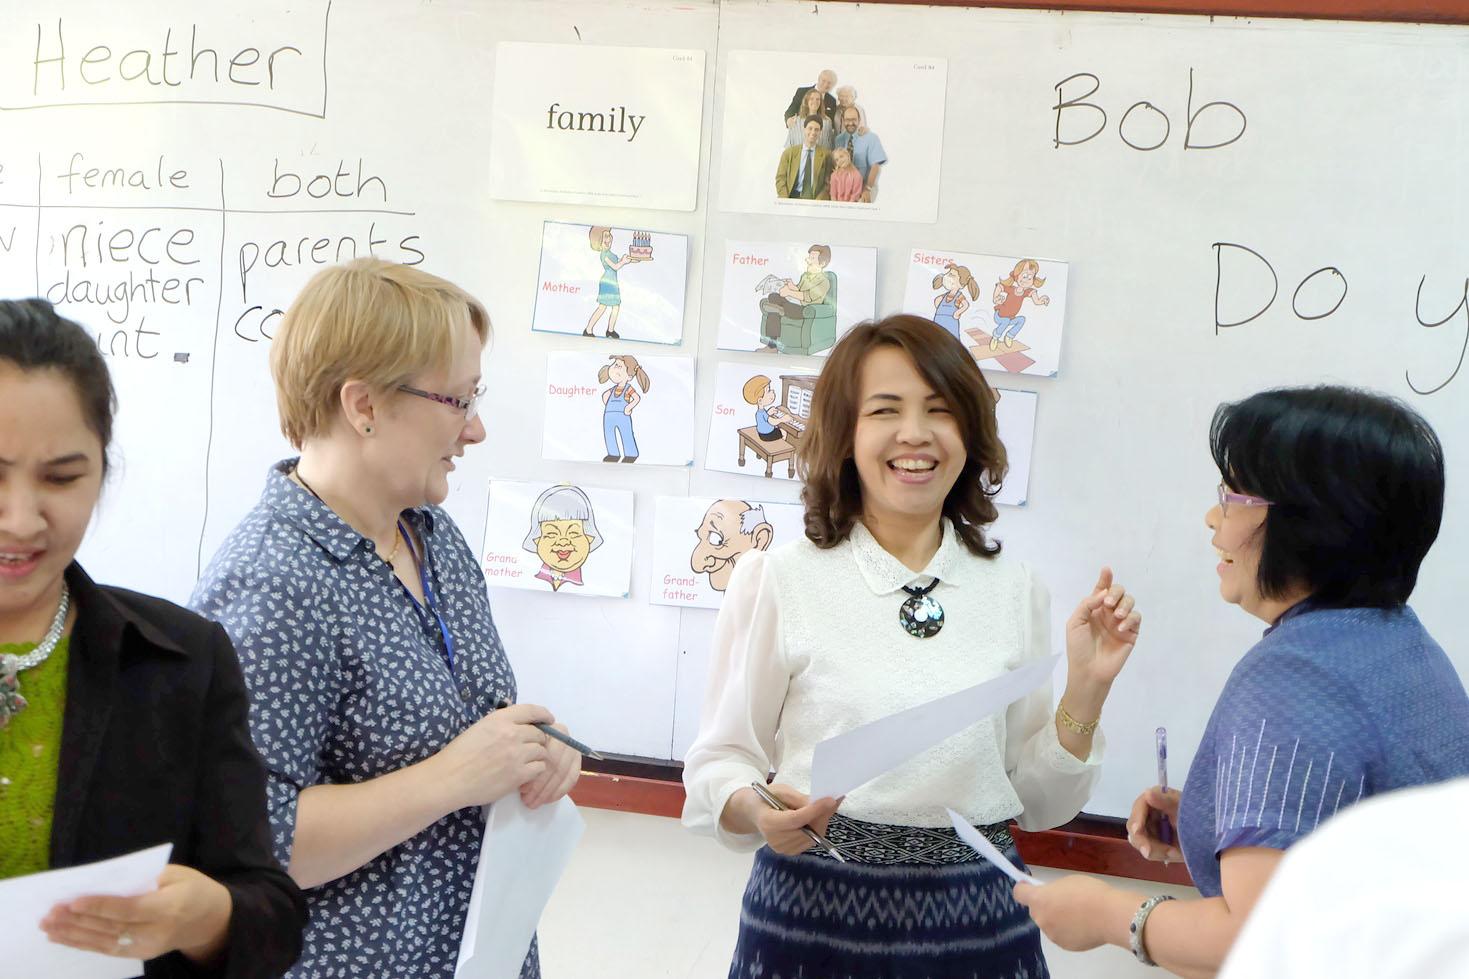 เรียนอังกฤษที่โรงเรียนบ้านภาษาพัฒน์